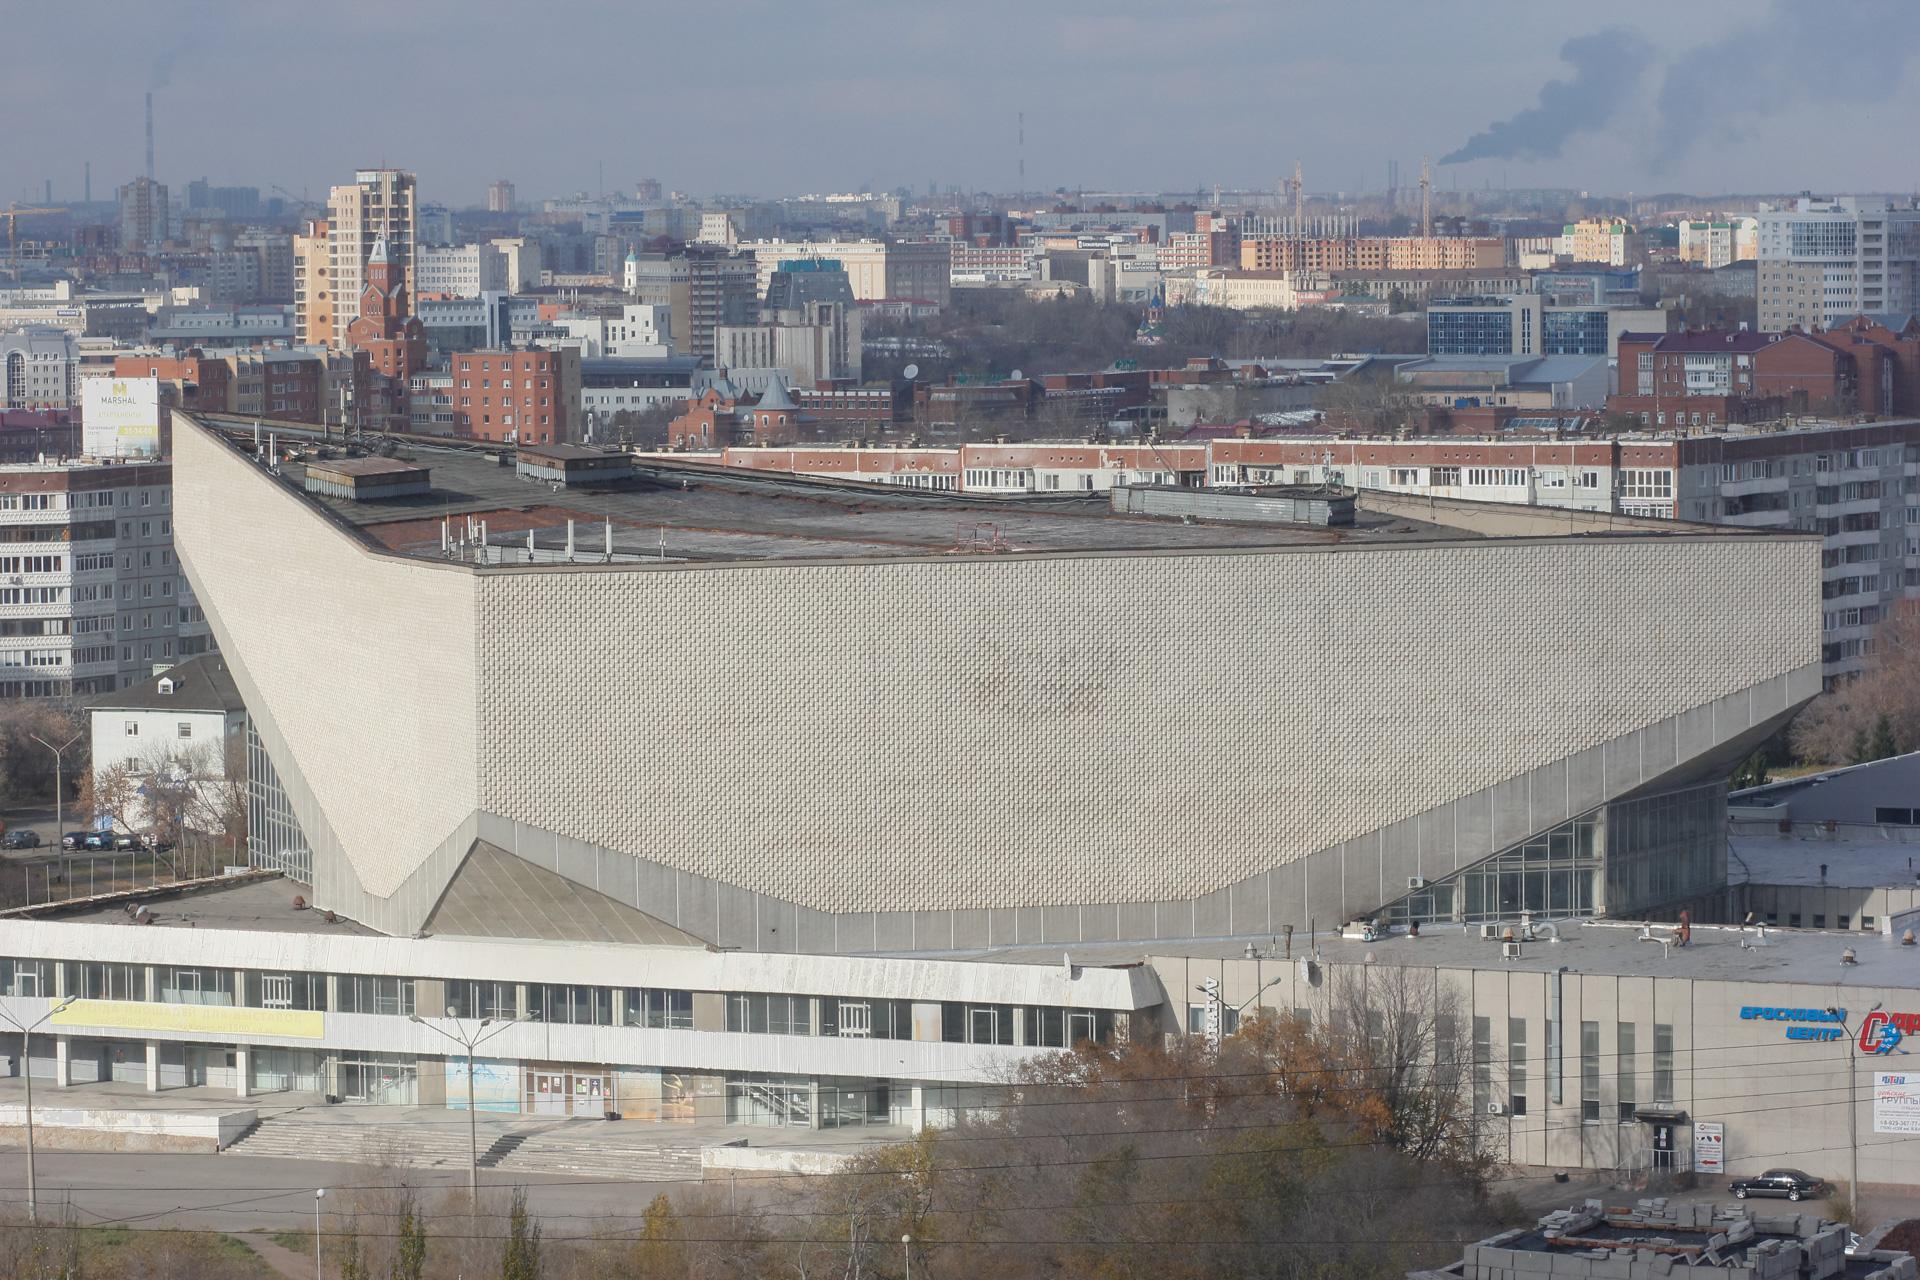 Крышу СКК имени Блинова в Омске отремонтируют к Новому году #Новости #Общество #Омск